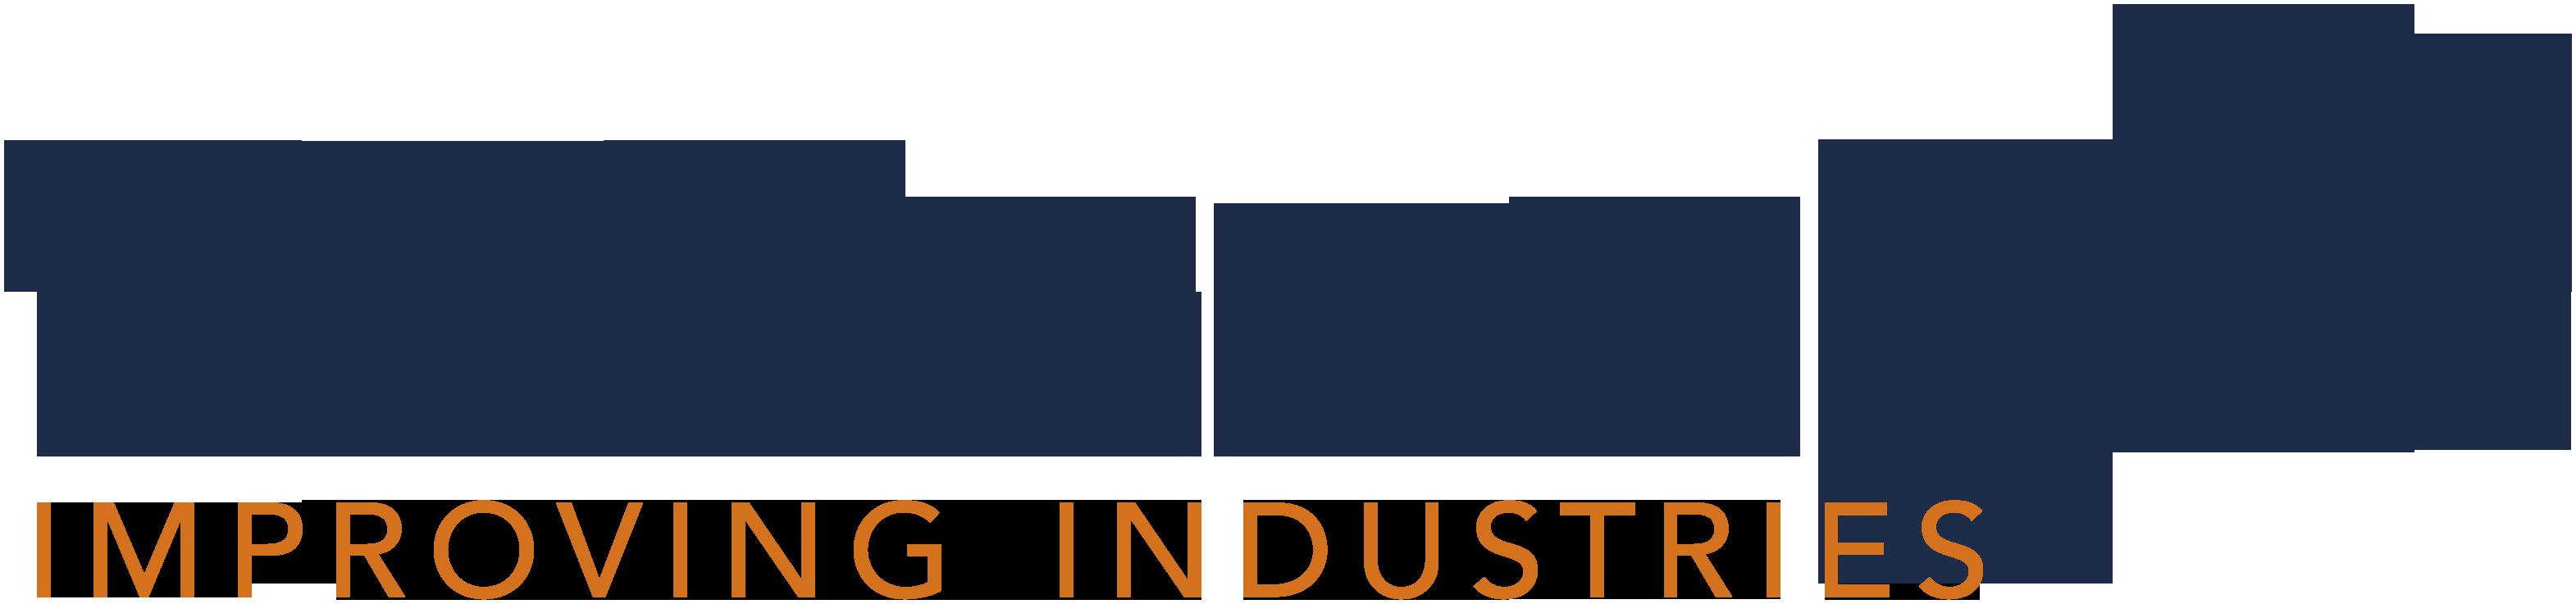 Van Meeuwen Chemicals BV